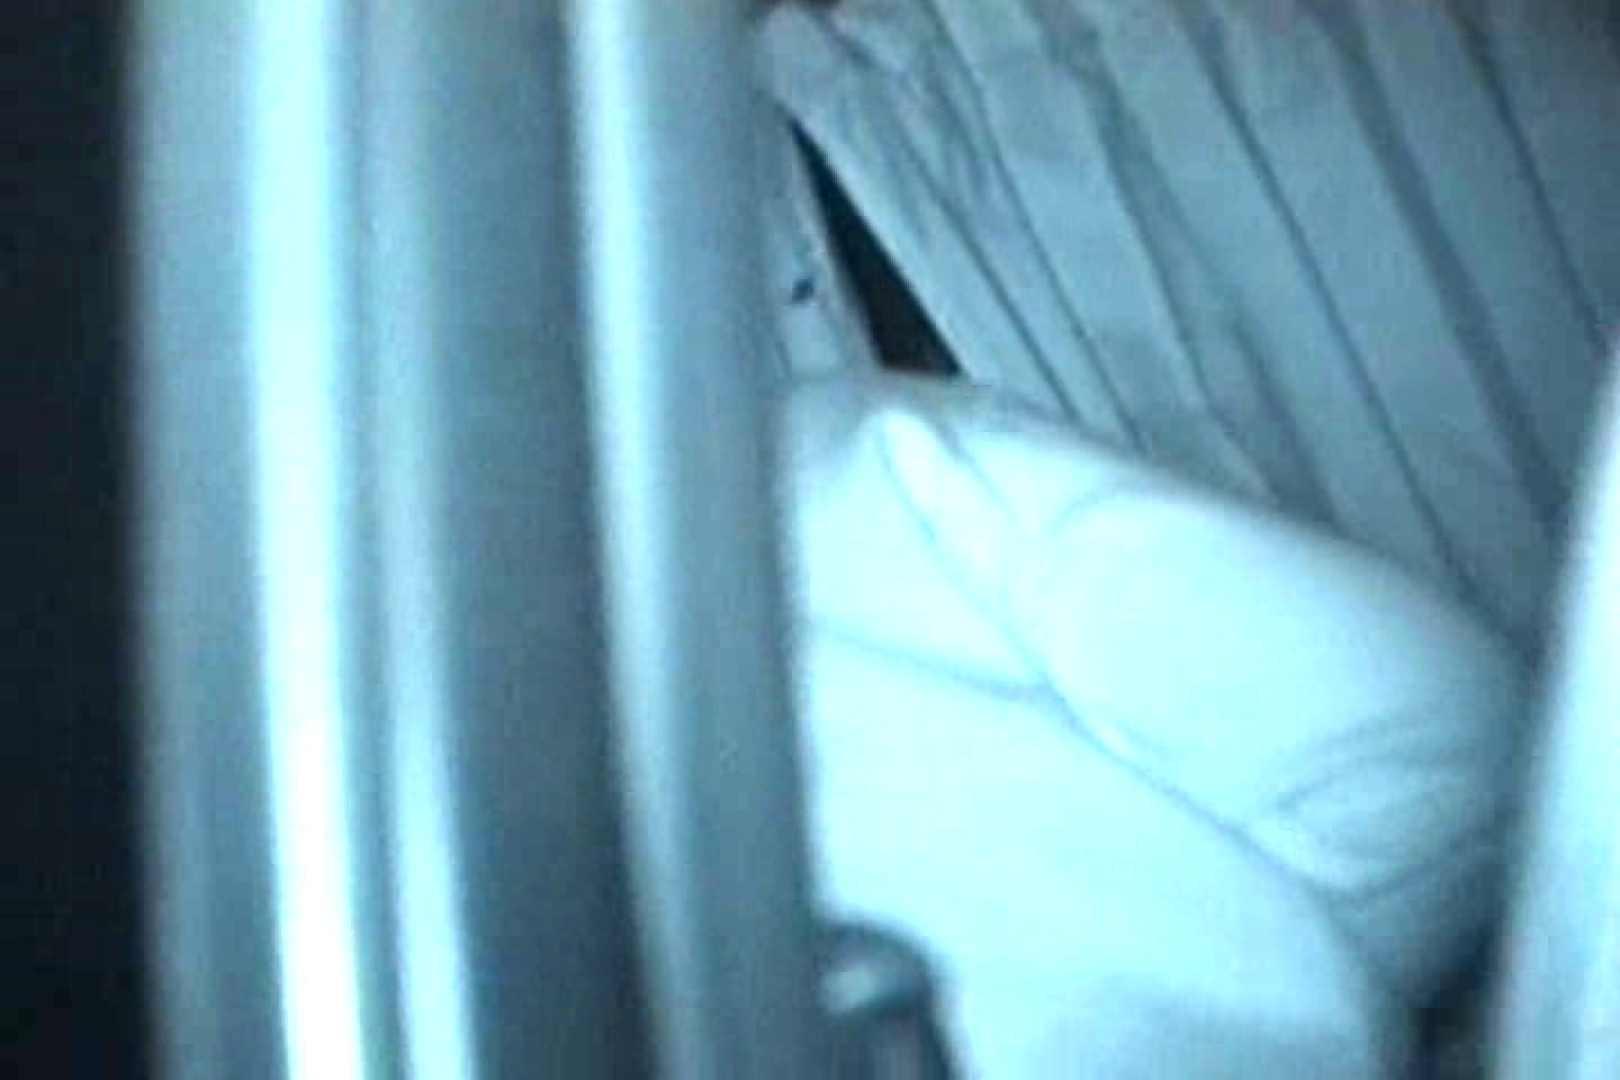 充血監督の深夜の運動会Vol.9 エロティックなOL | カップル盗撮  63画像 37